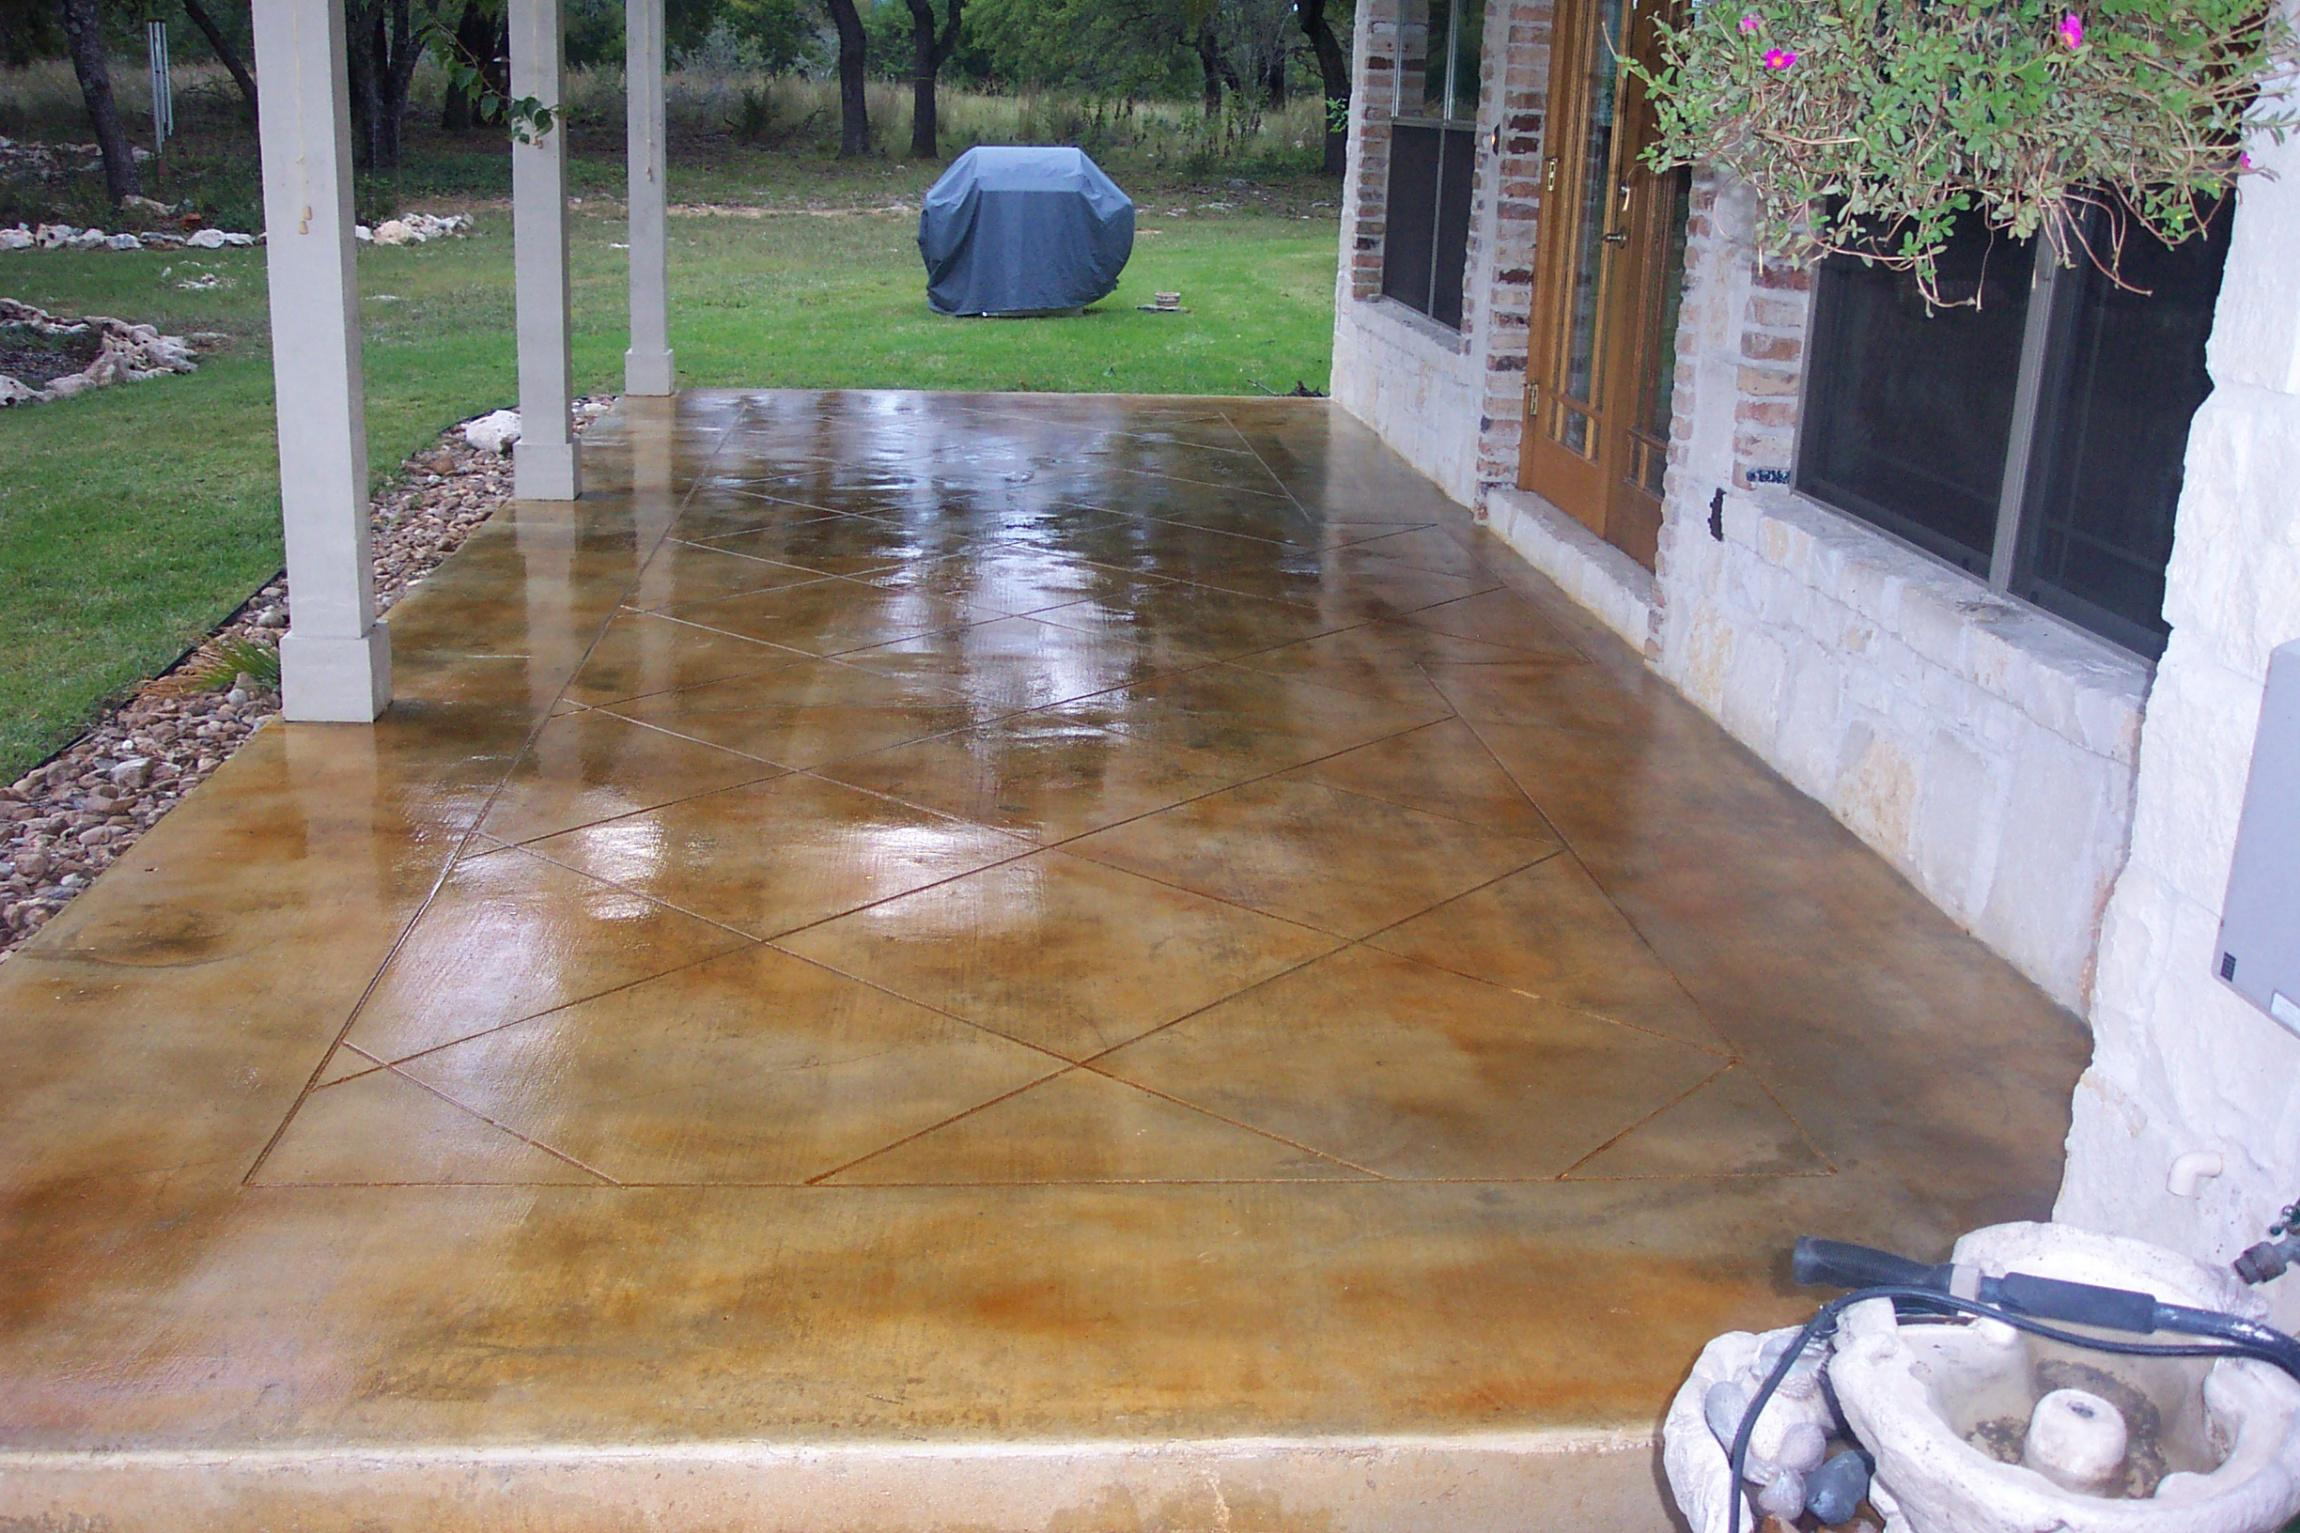 Pavicolor pavimentos de hormig n - Hormigon pulido colores ...